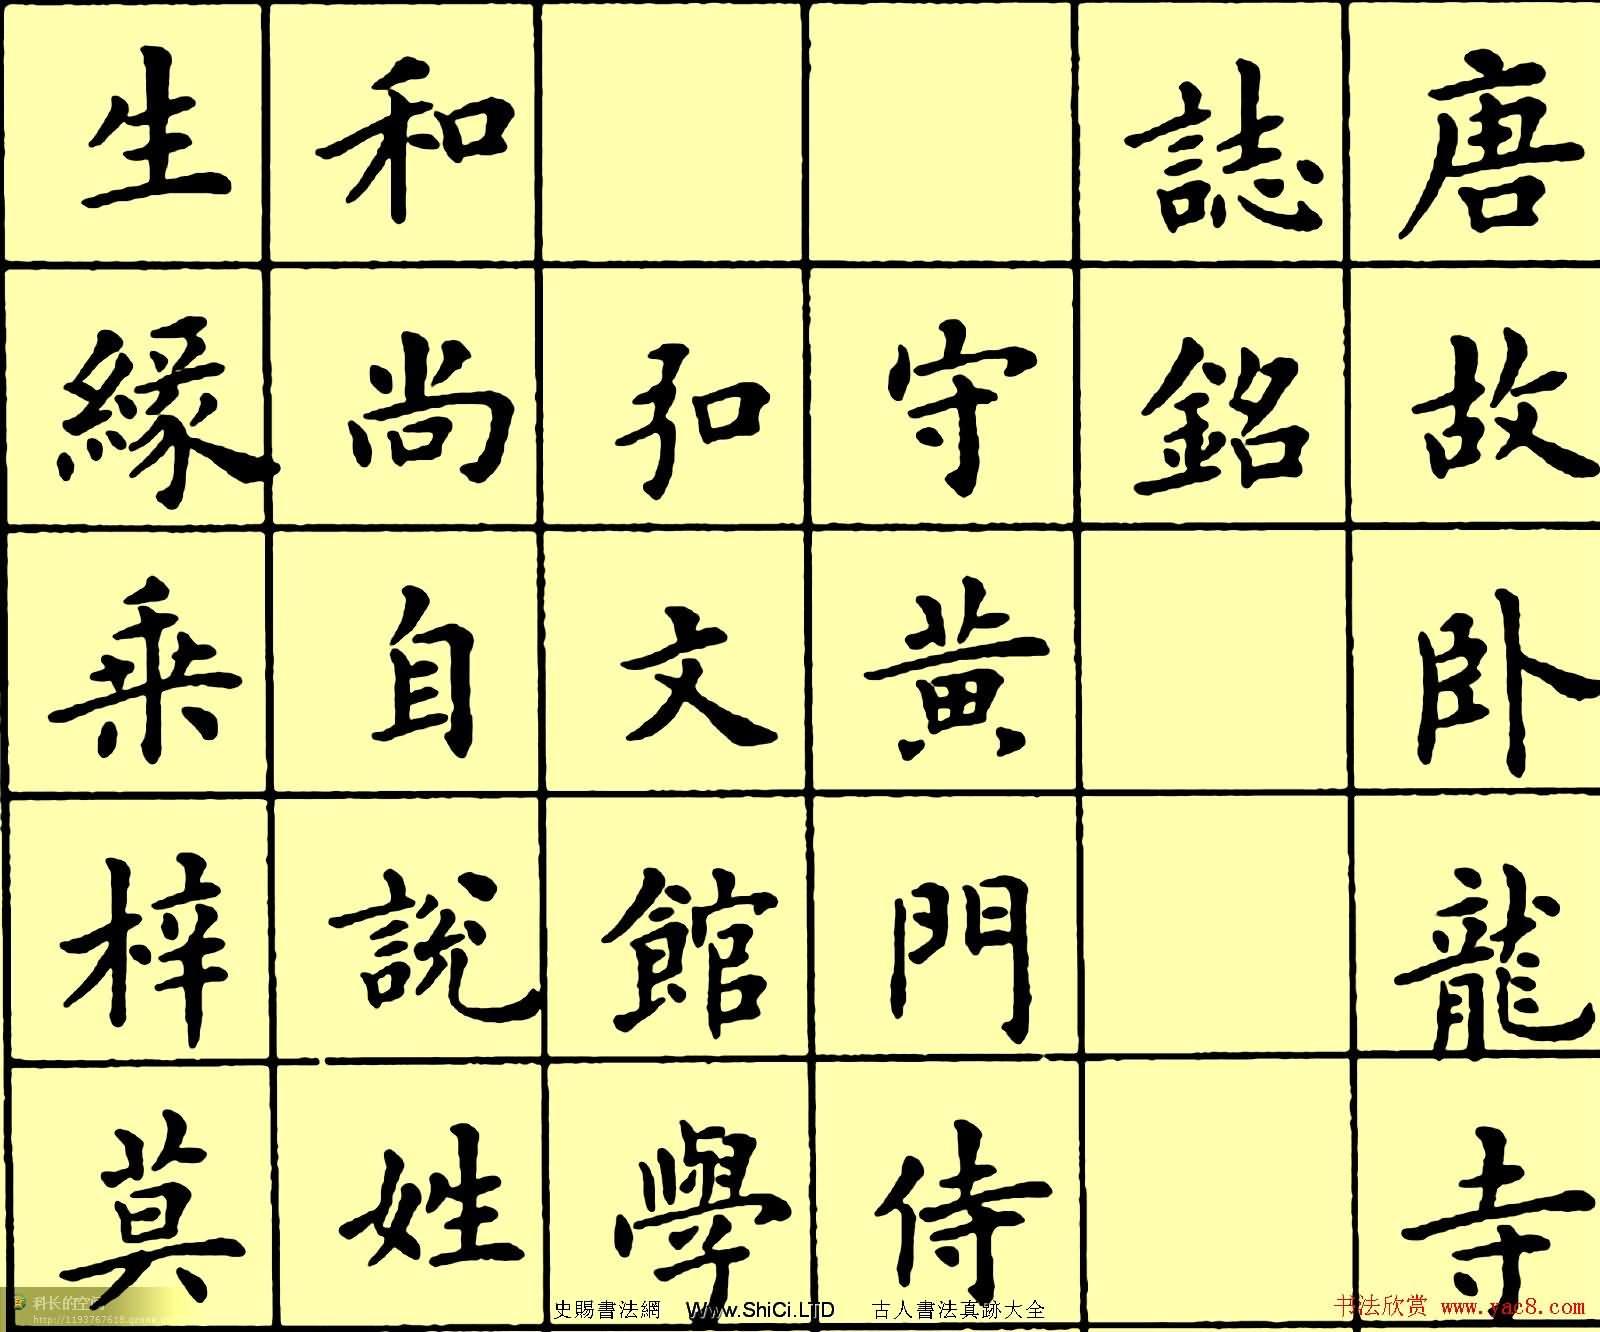 盧中南楷書《黃葉和尚墓誌銘》(共14張圖片)